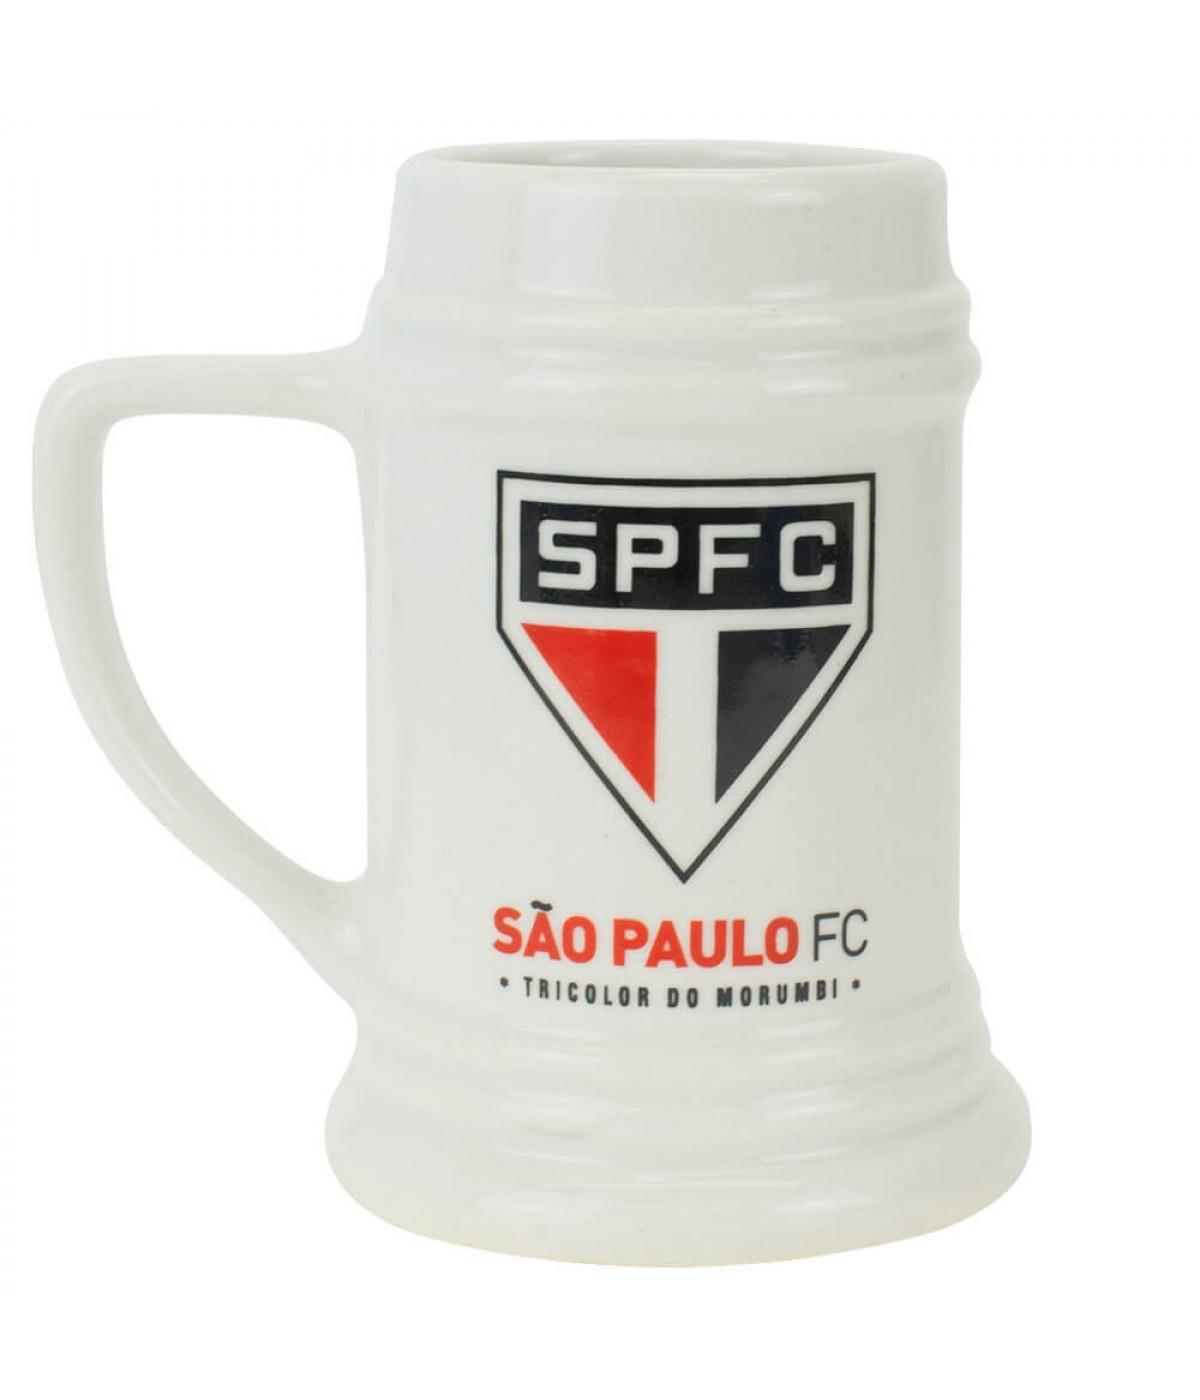 Caneca Porcelana Branca 500ml - SPFC